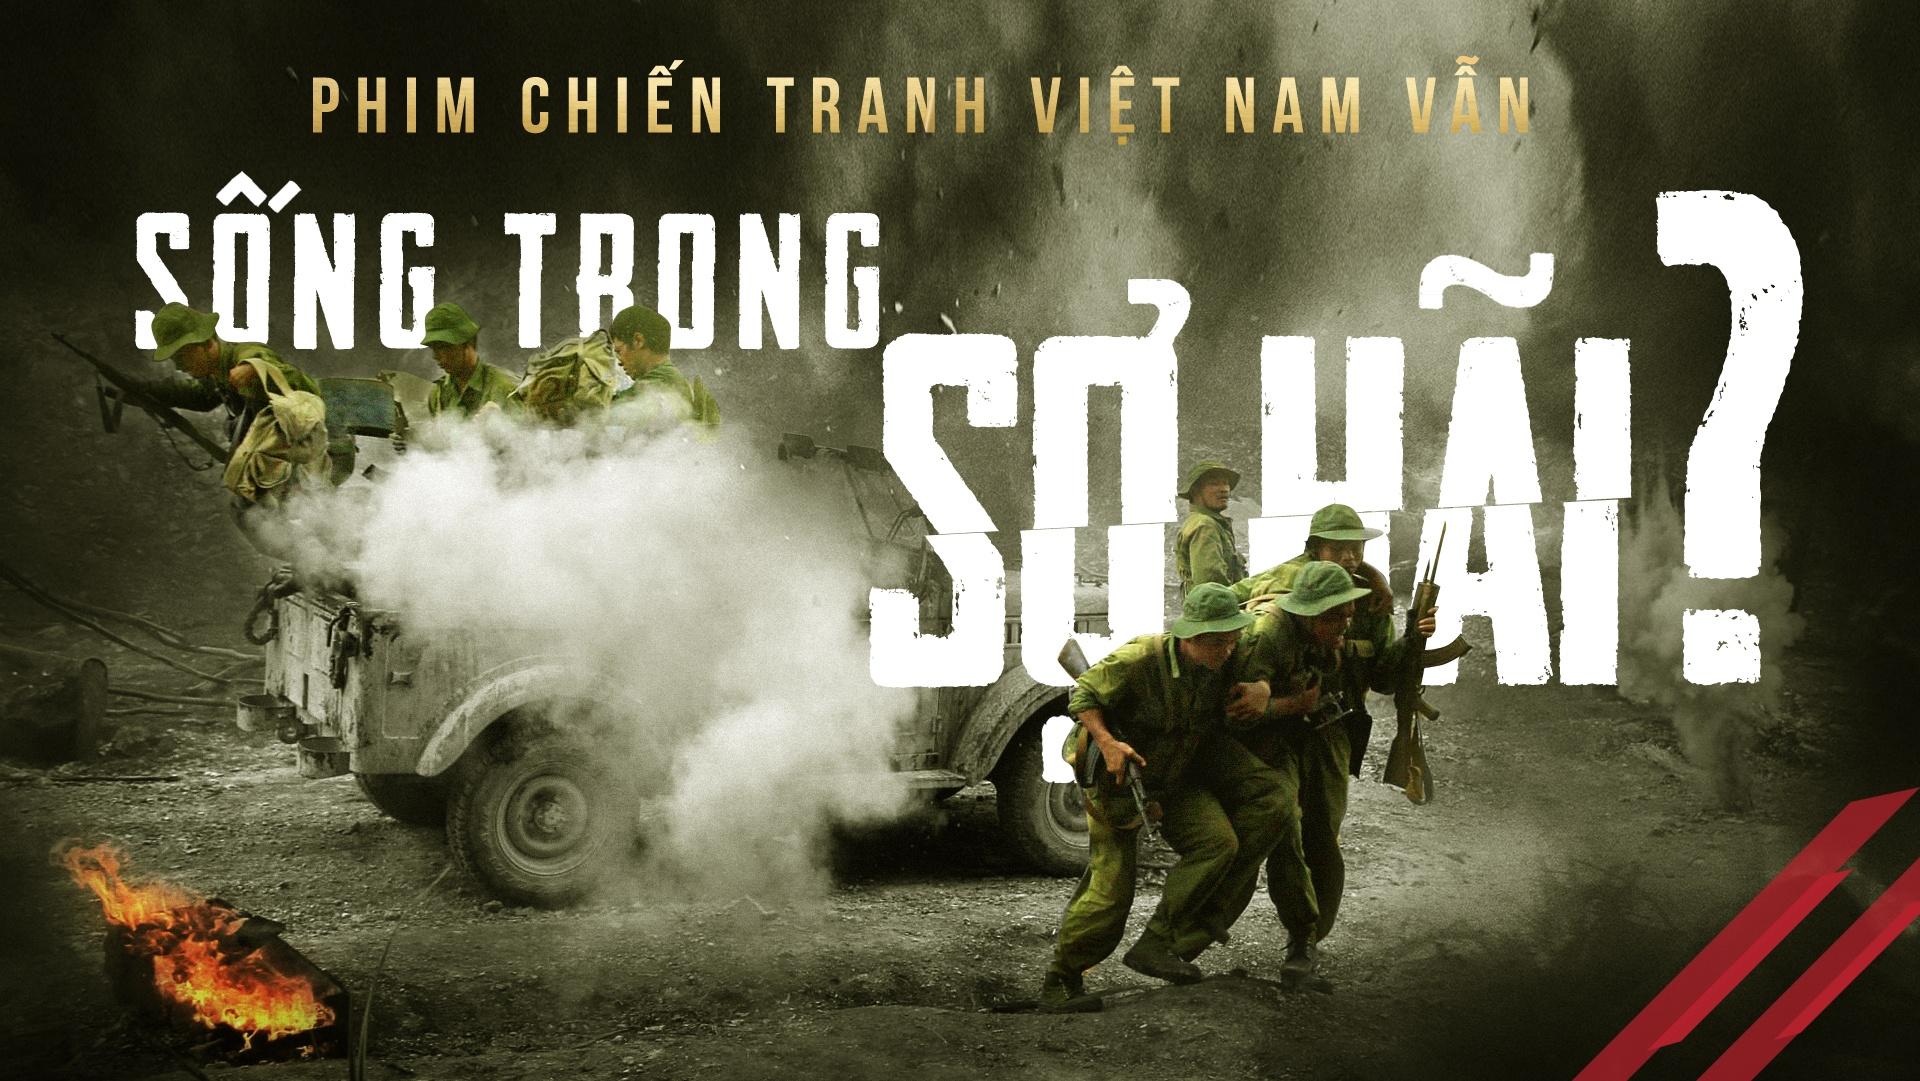 Phim chien tranh Viet Nam van song trong so hai? hinh anh 1